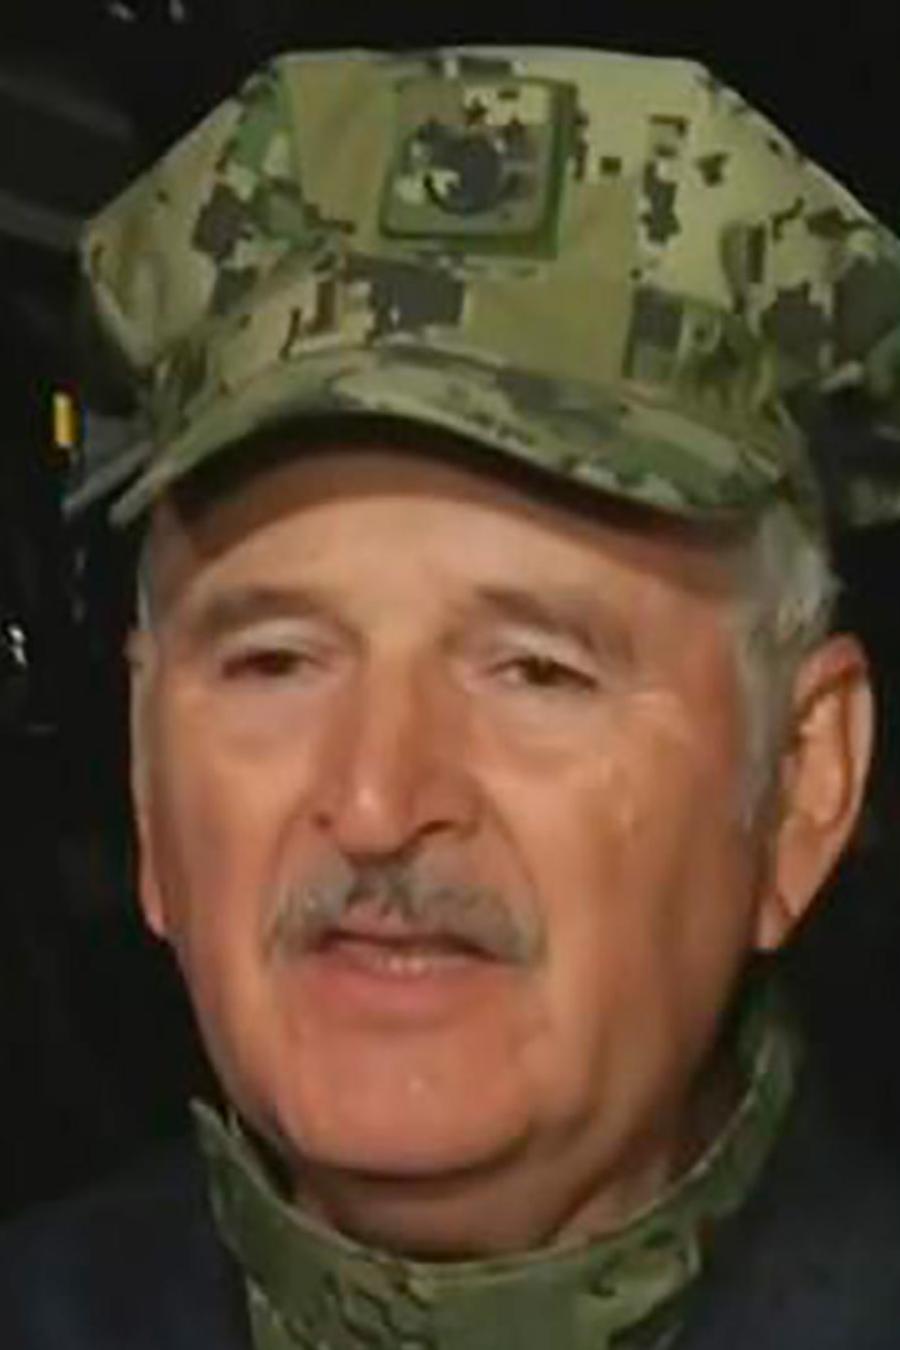 El Subsecretario de la Marina de México confirmó que no existe la niña llamada Frida Sofía